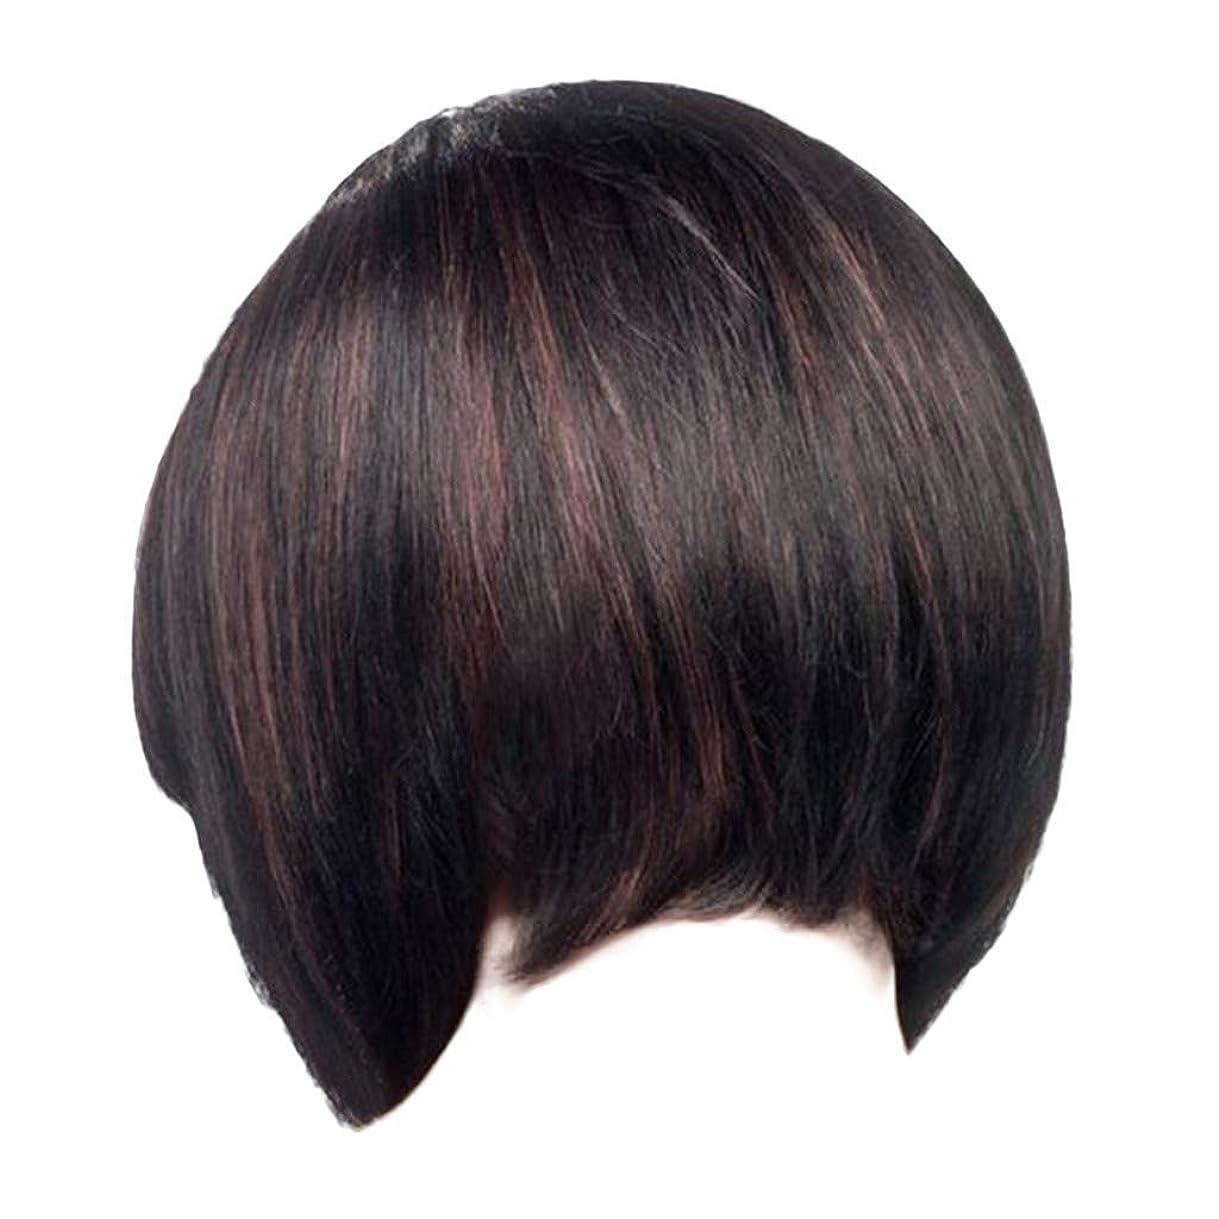 療法受益者感情のウィッグレディースファッションブラックショートストレートヘアナチュラルウィッグローズヘアネット